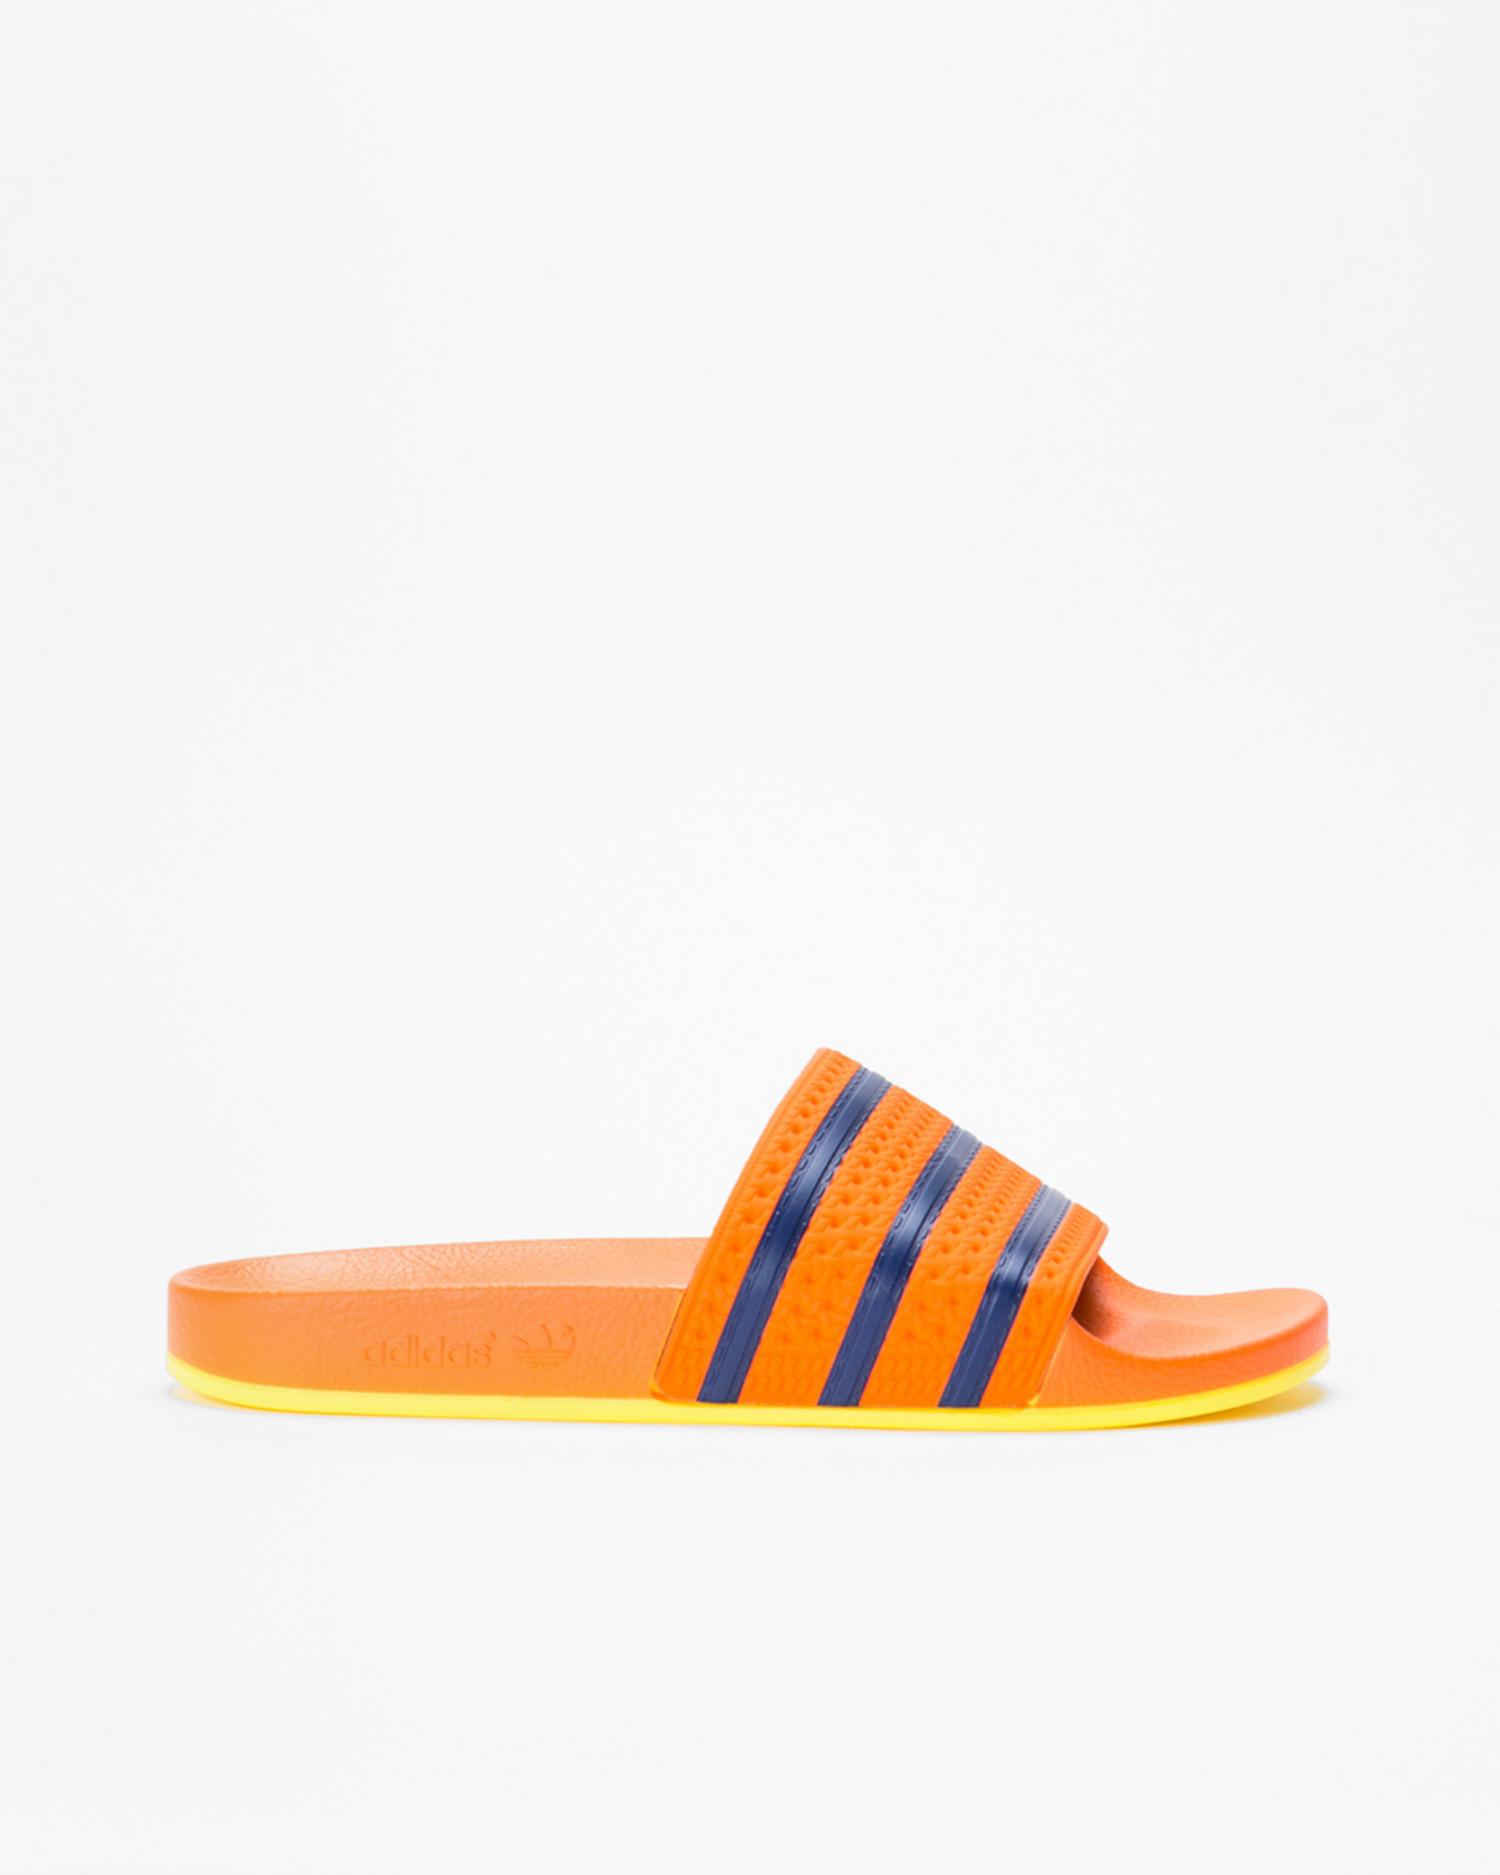 Adidas Adilette Trace Orange/ Hi-Res Orange/Dark Blue